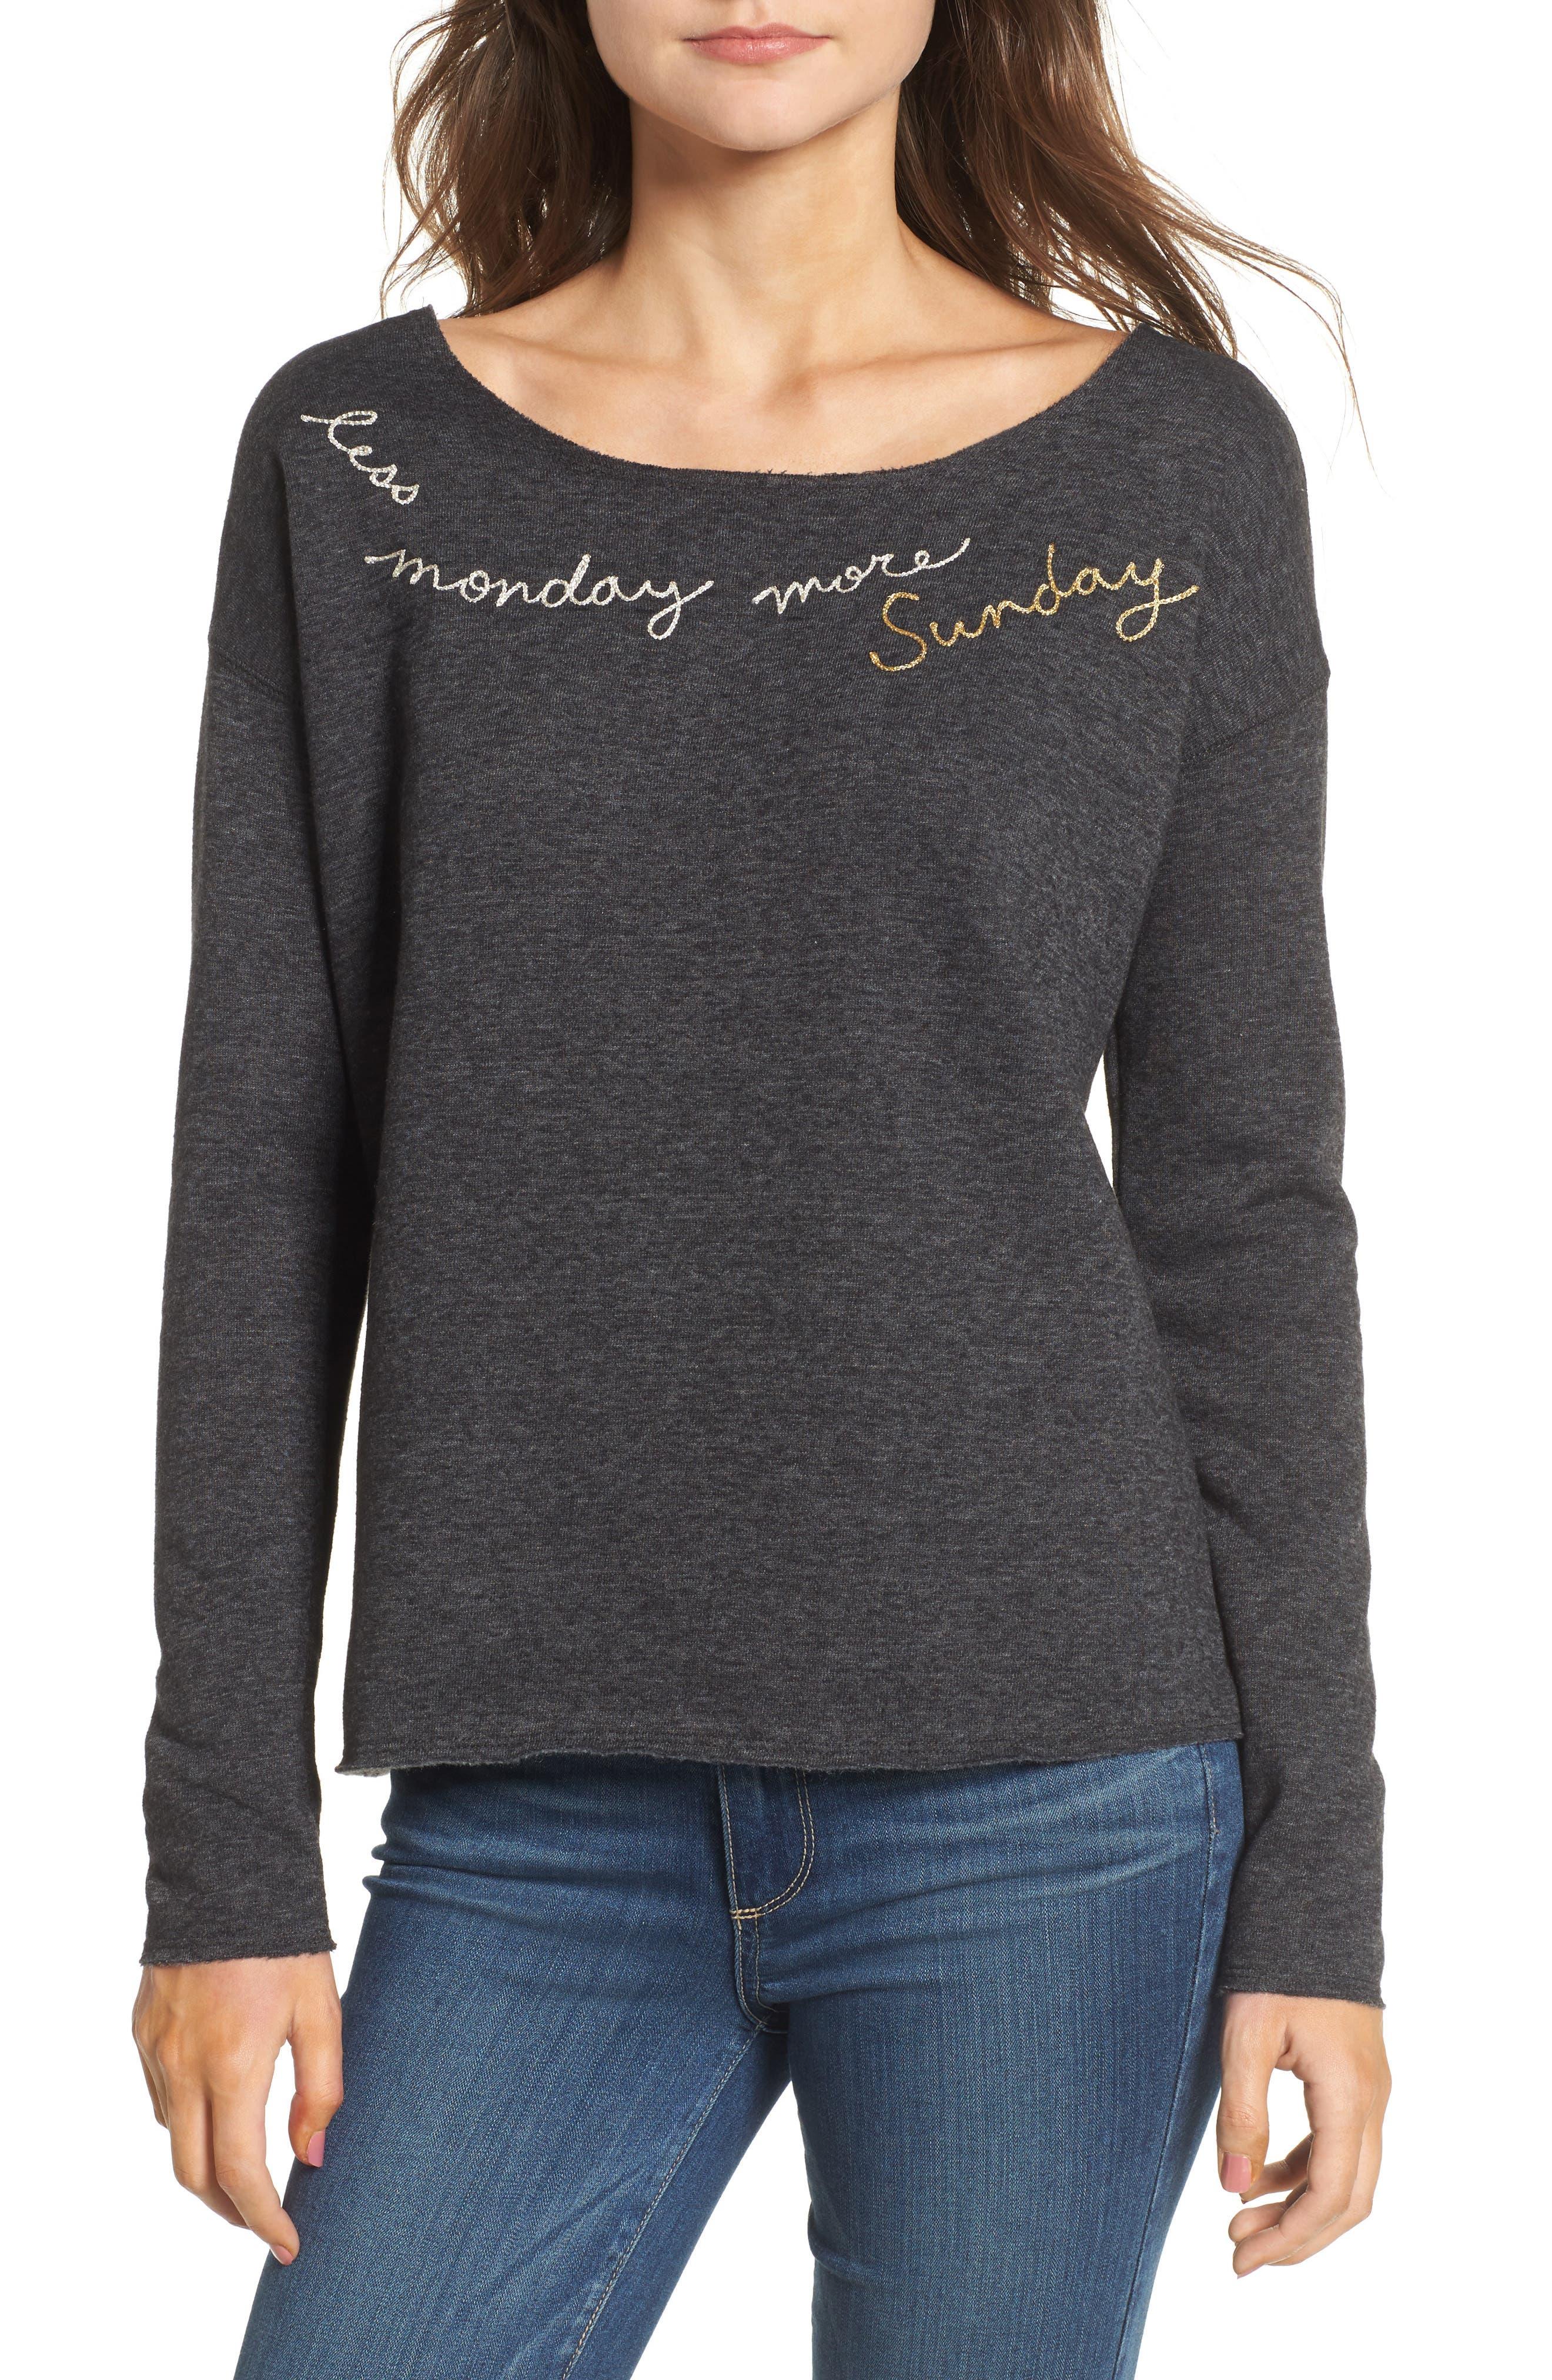 Main Image - Sundry Less Monday More Sunday Sweatshirt